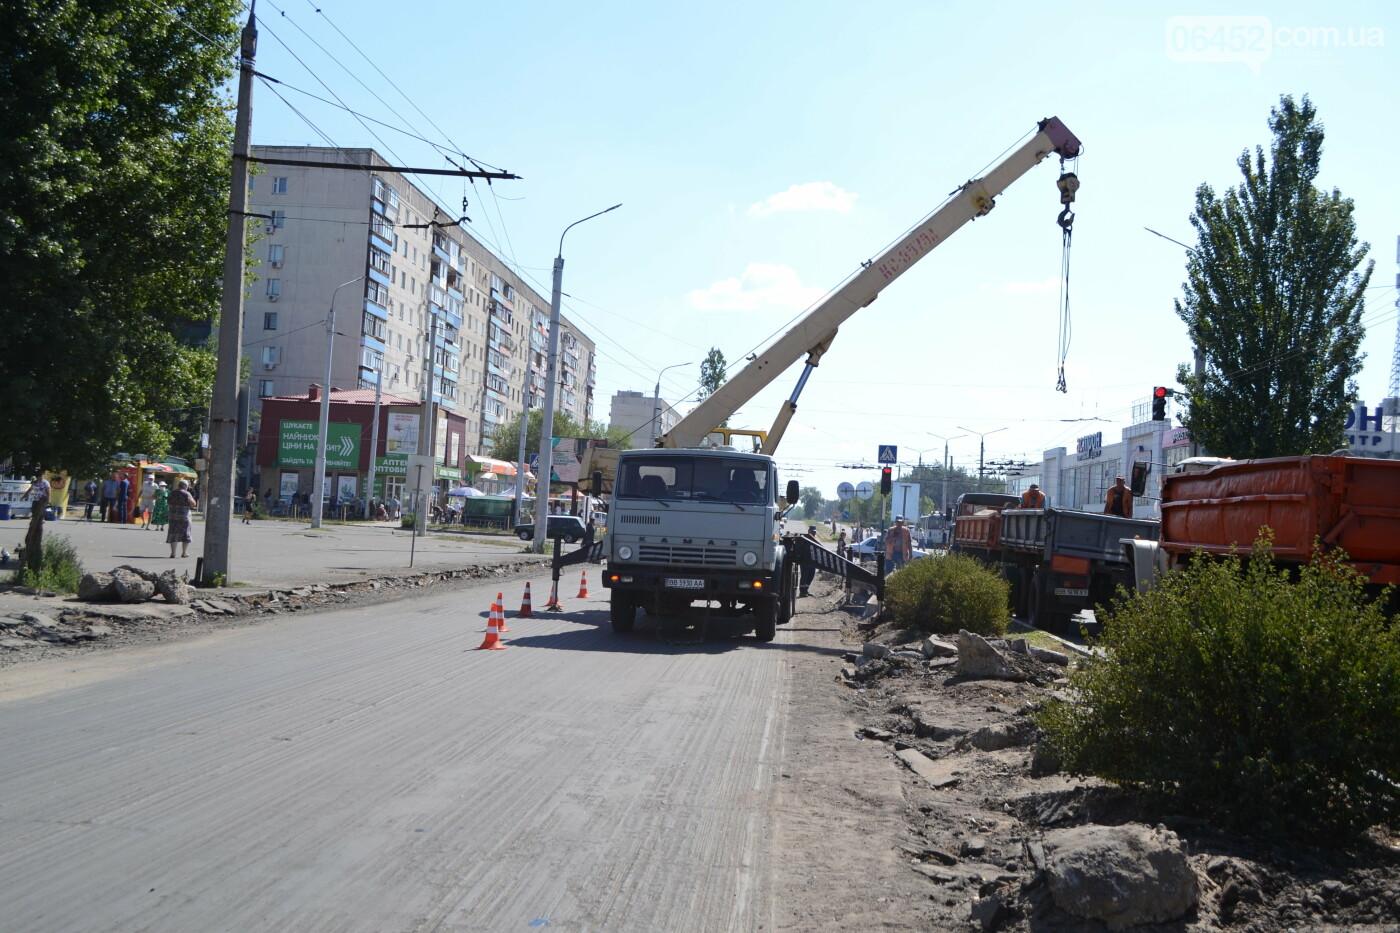 Бордюринг nonstop. В Северодонецке продолжается ремонт дорожного покрытия ( фото) , фото-8